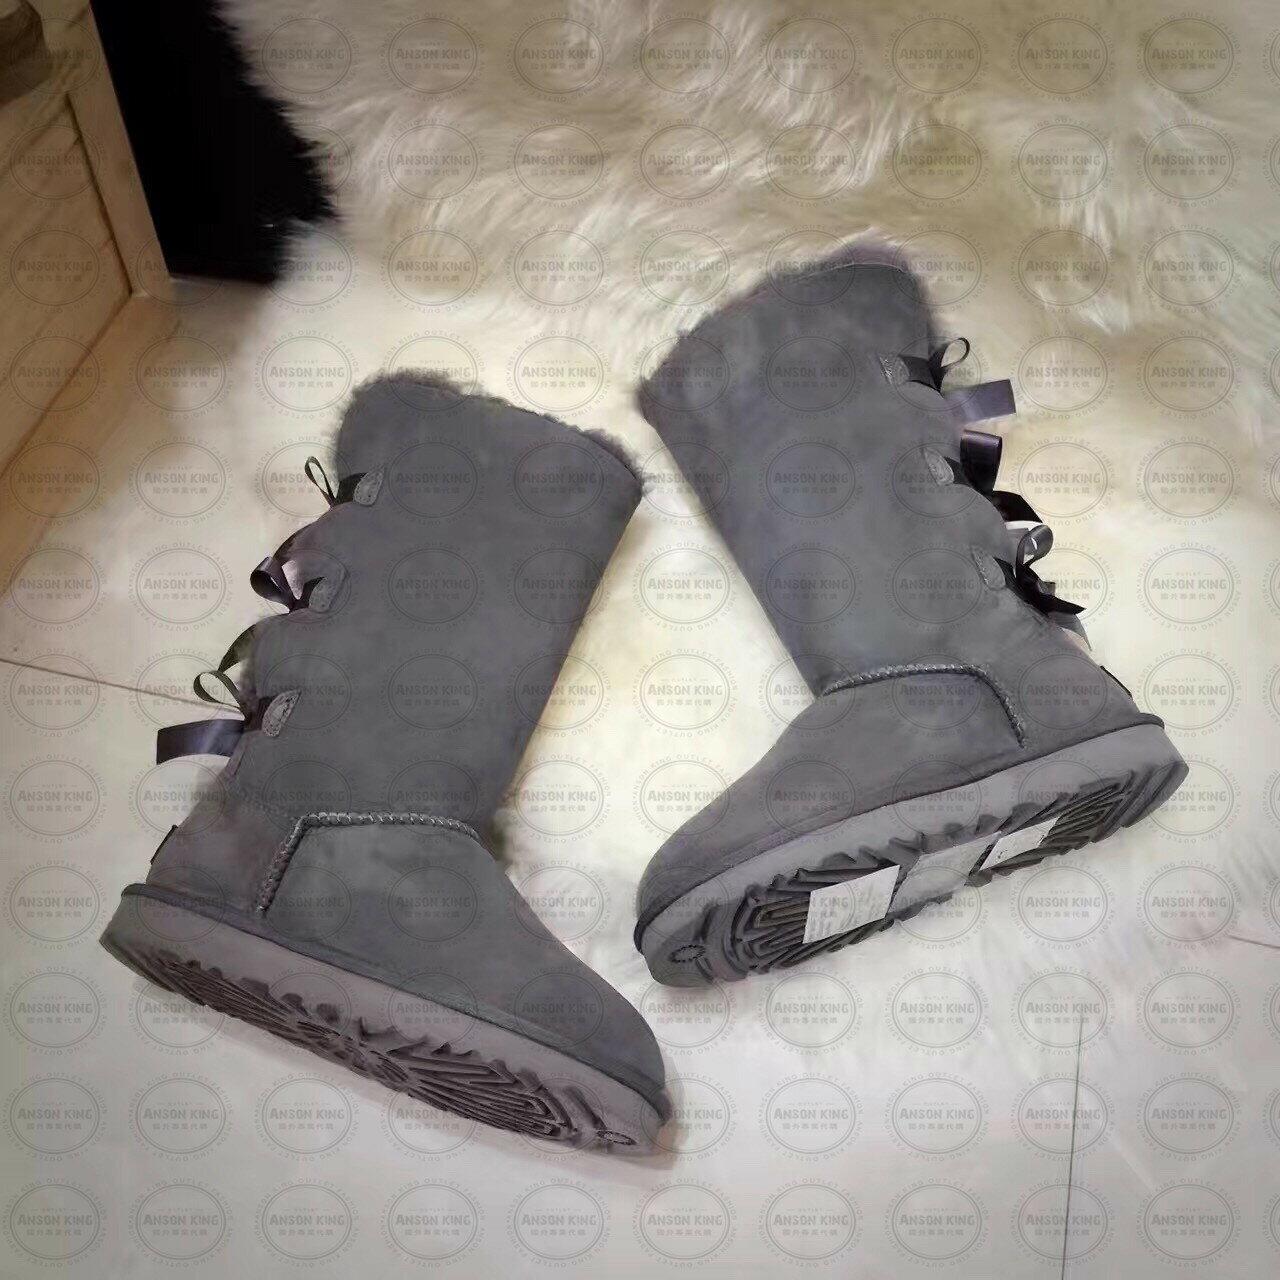 OUTLET正品代購 澳洲 UGG 一體女式絲帶蝴蝶結 保暖 真皮羊皮毛 雪靴 短靴 灰色 2